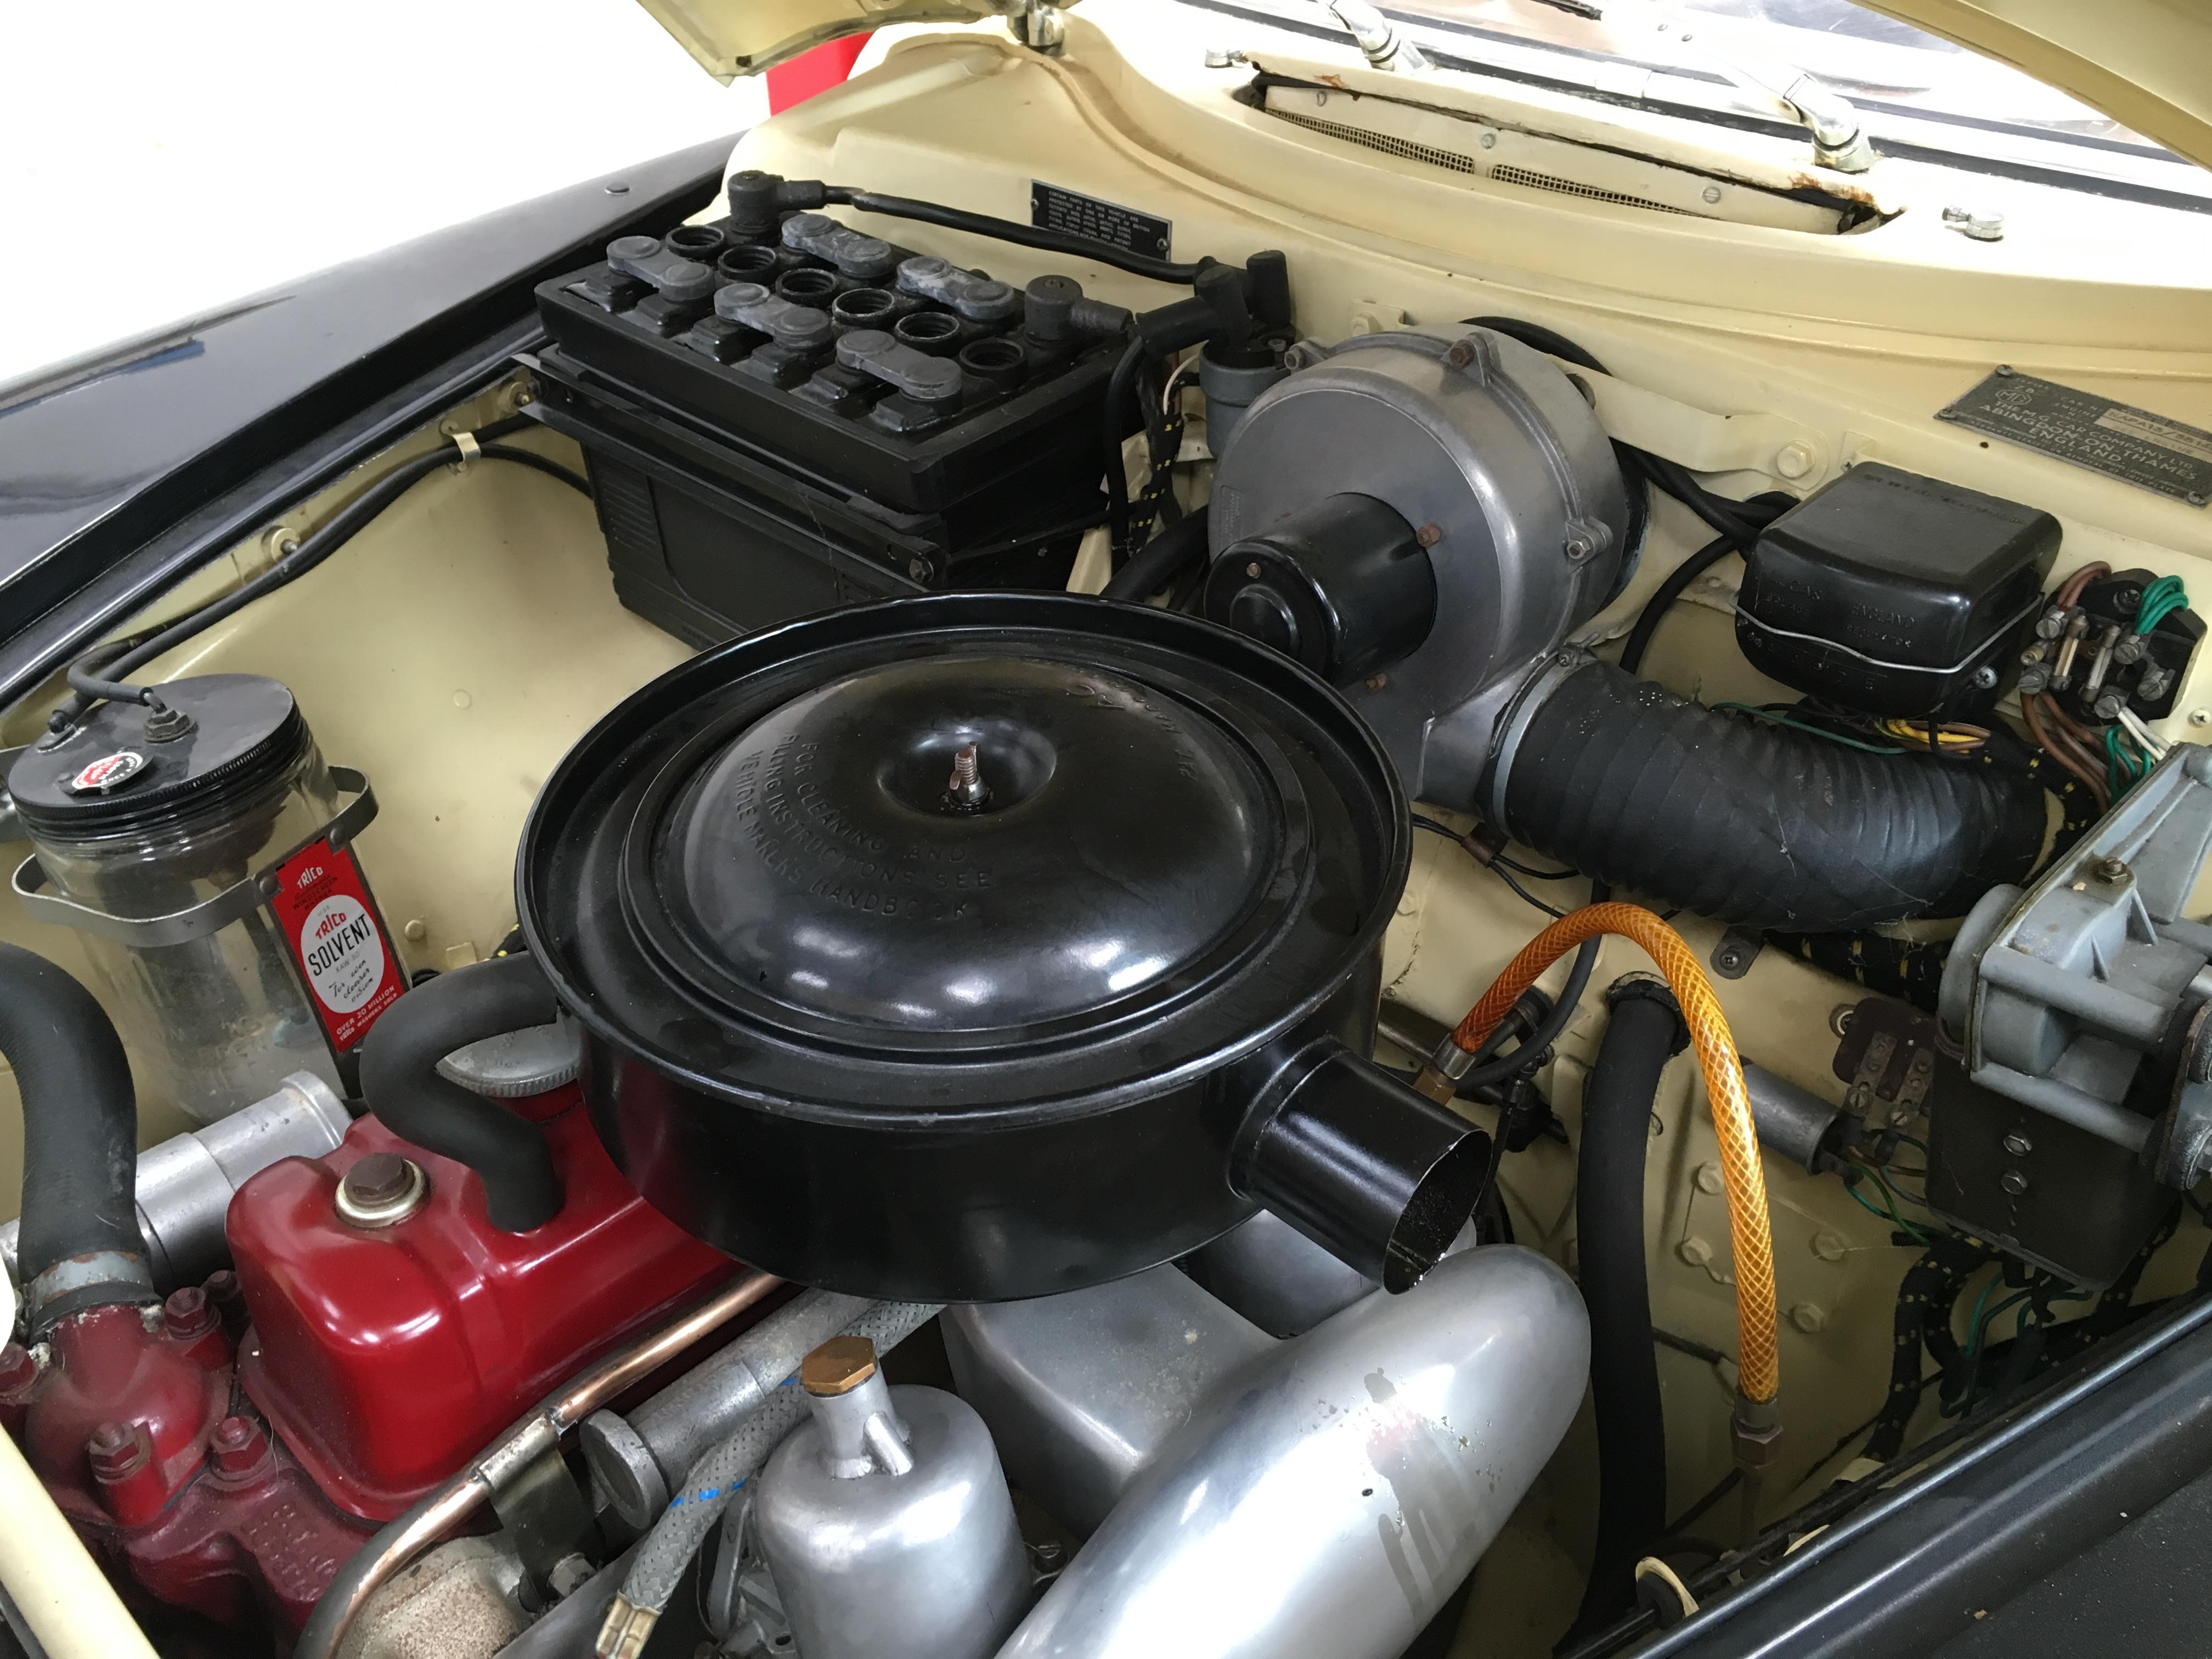 1958 MG Magnette Engine Bay